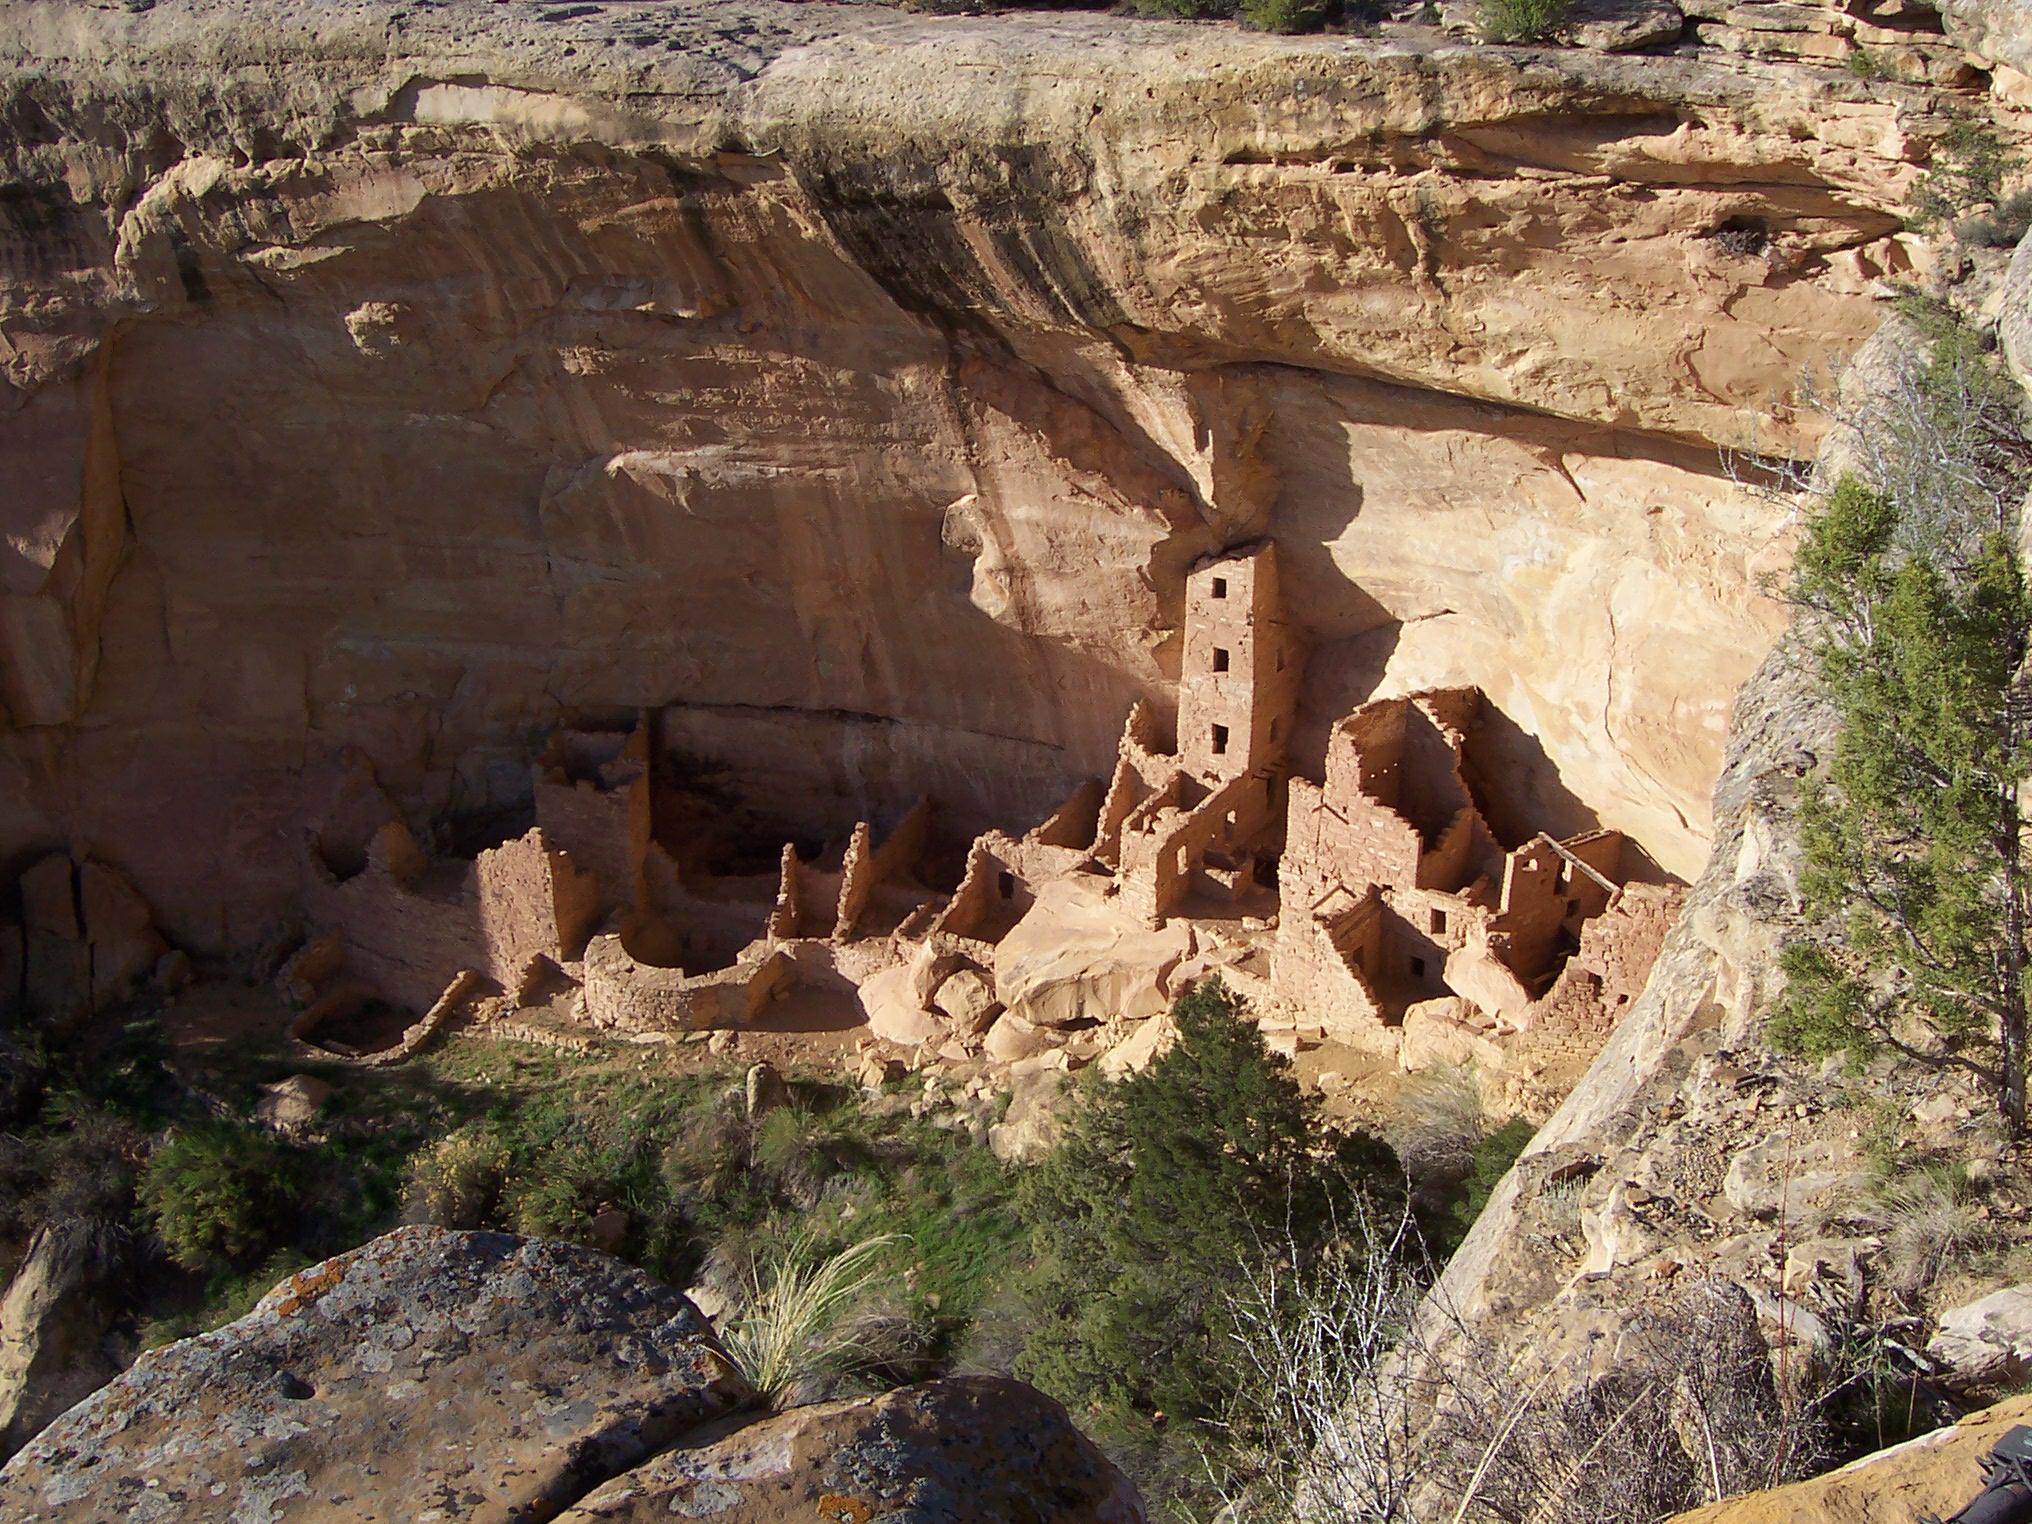 Southwest Ruins April 2010 035